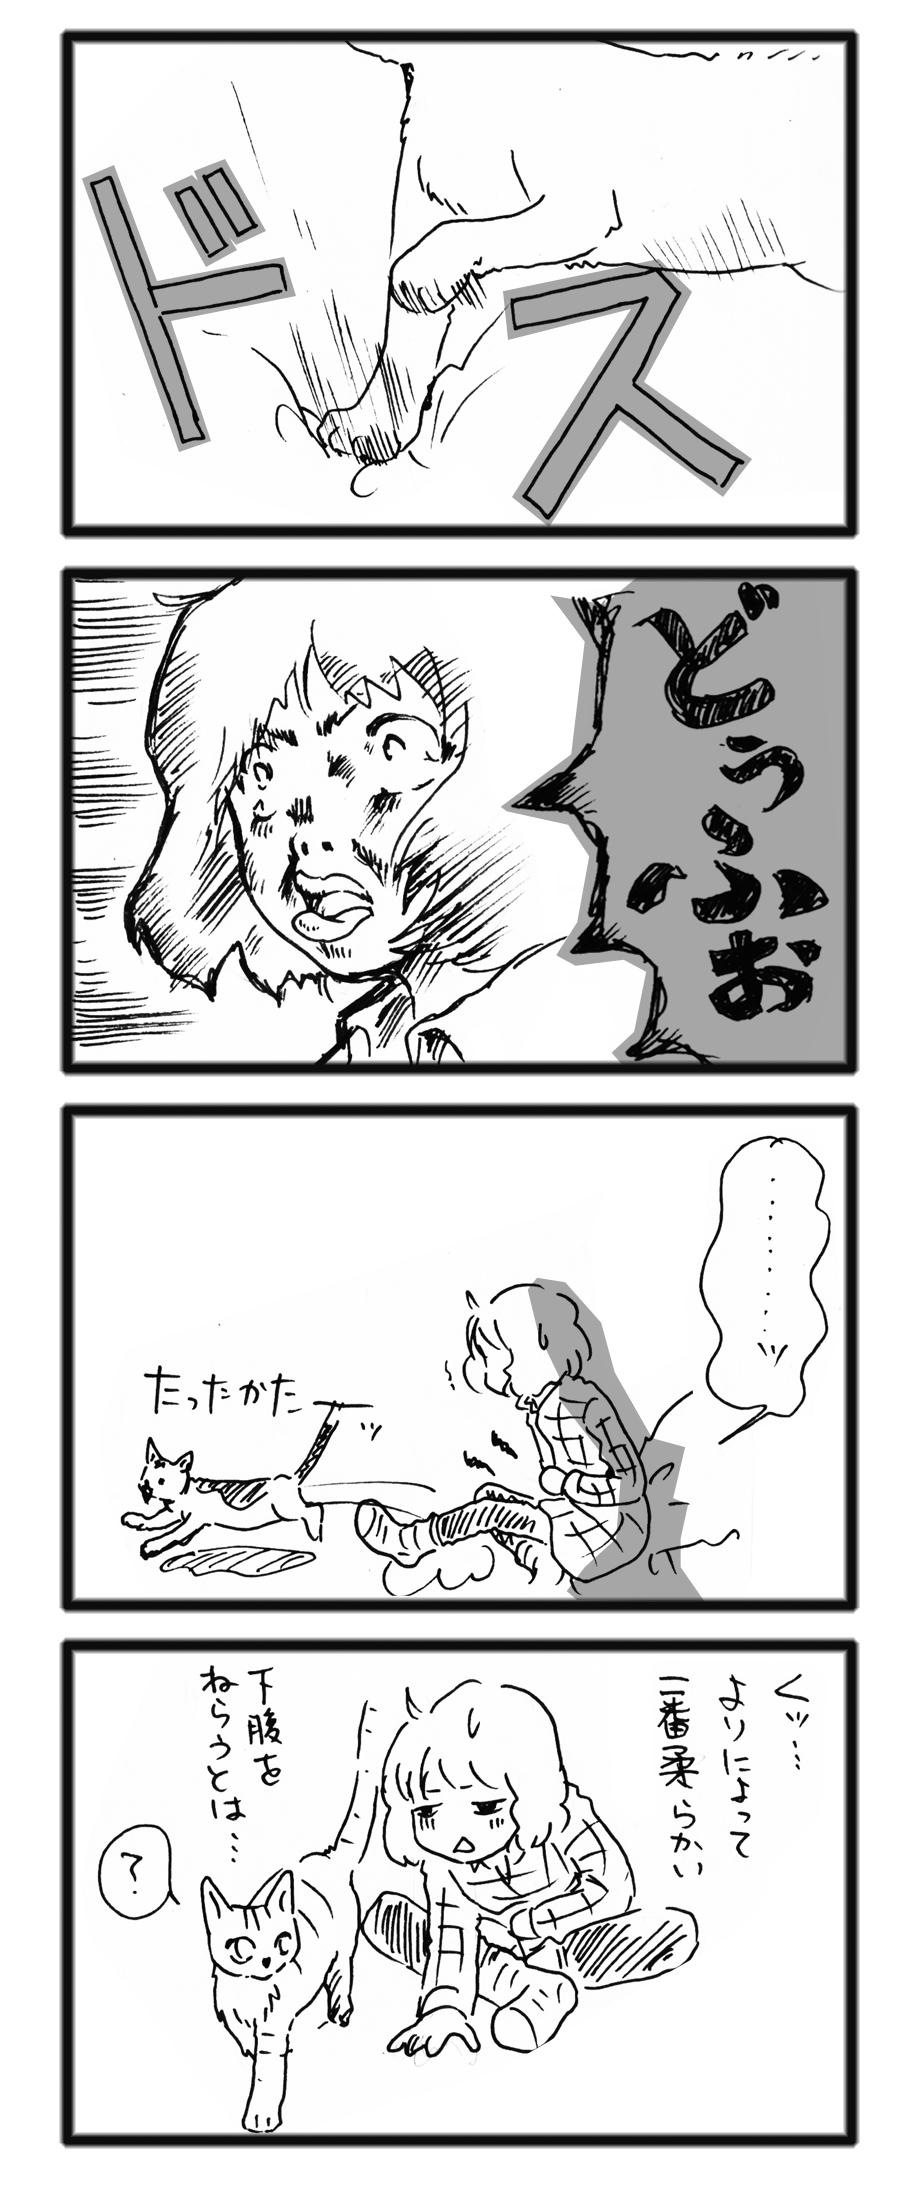 comic_13112002.jpg